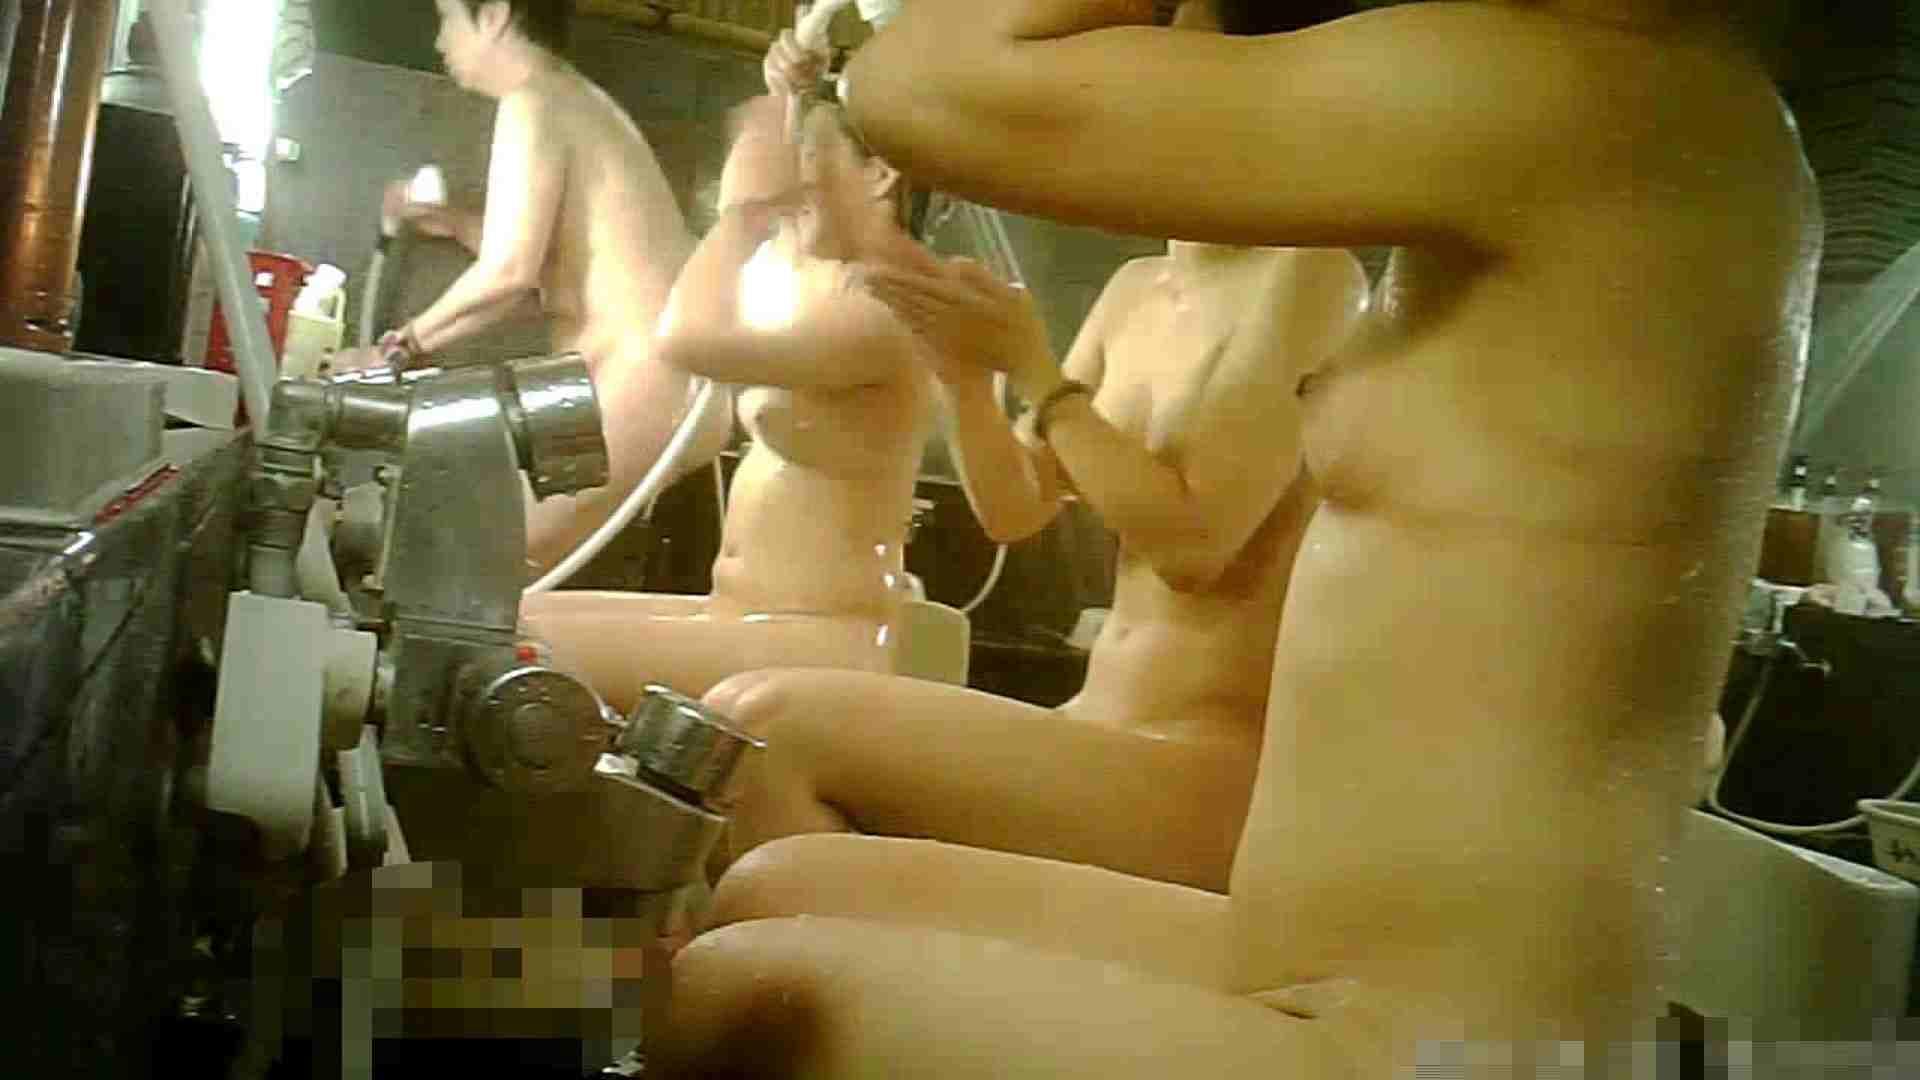 手を染めてしまった女性盗撮師の女風呂潜入記 vol.006 潜入 セックス画像 100PIX 62